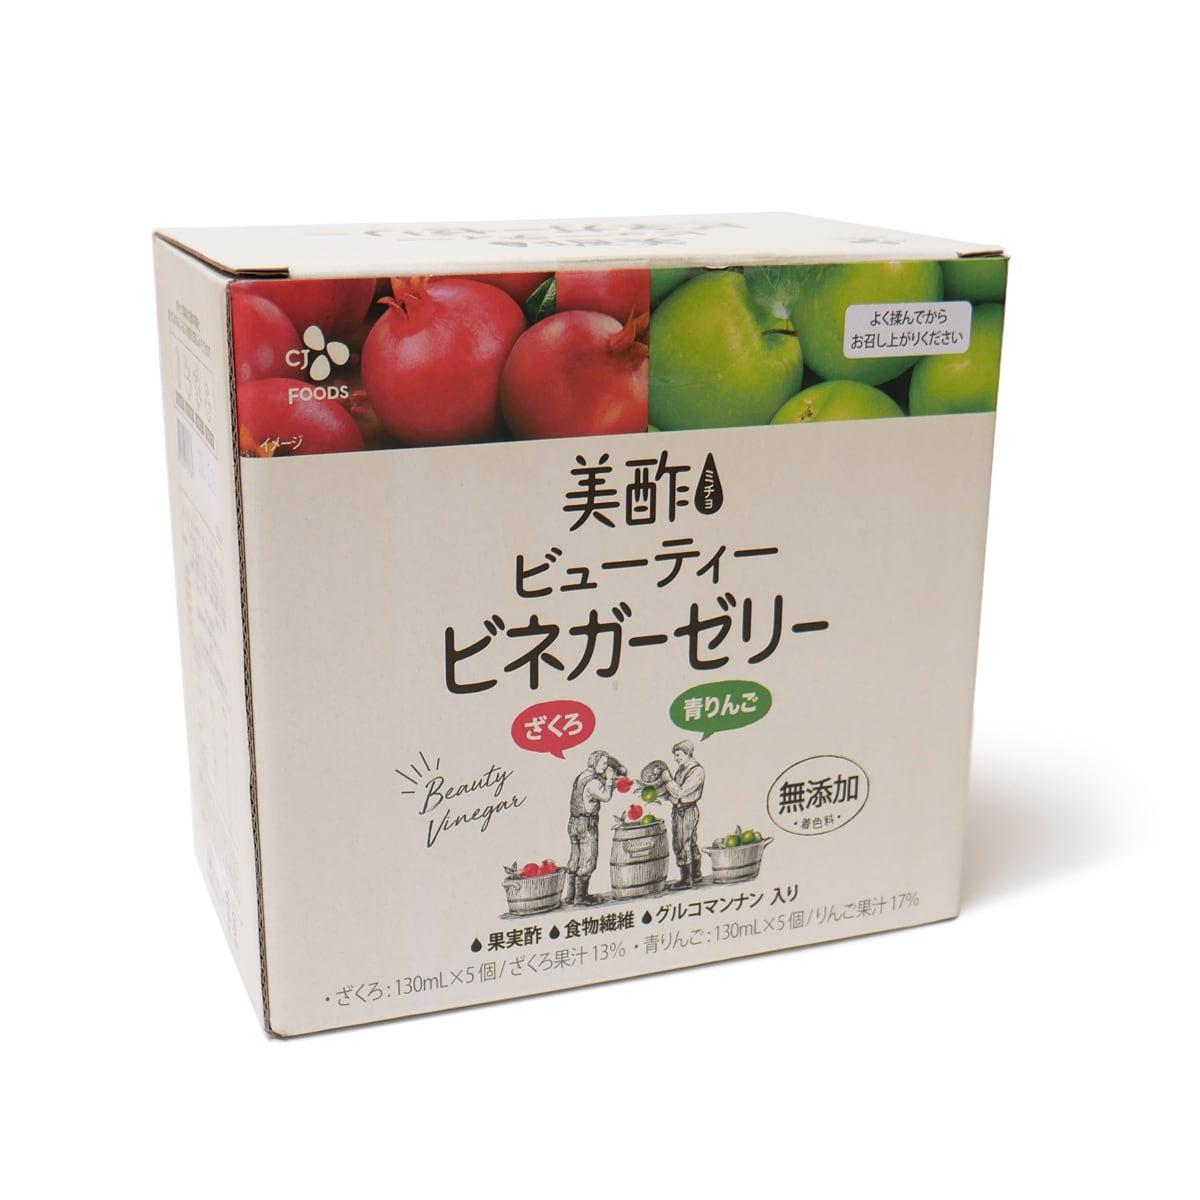 美酢(ミチョ)ビューティービネガーゼリー 10パック入 外箱